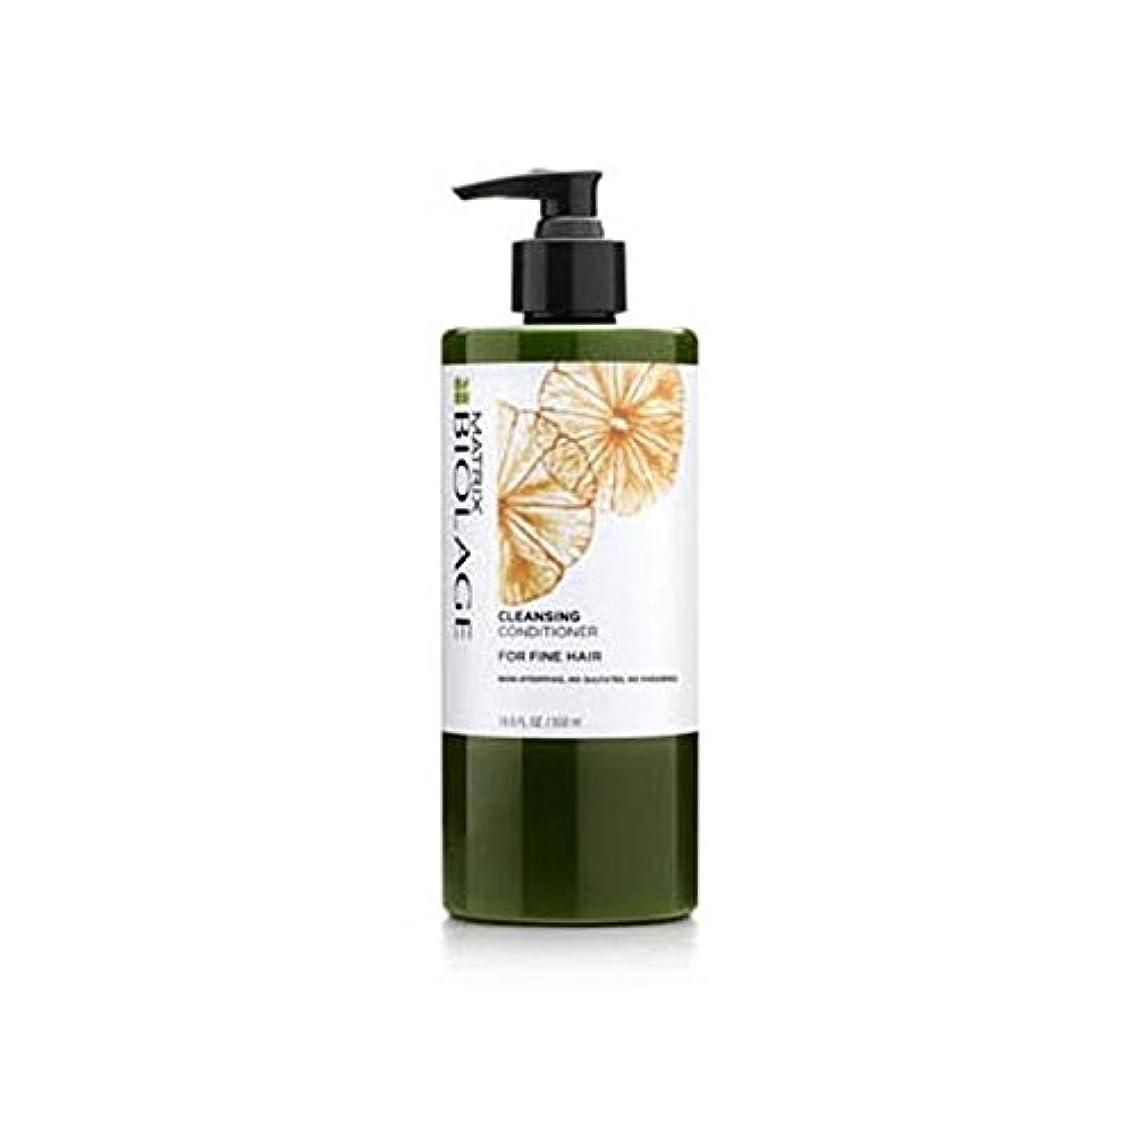 注入クルーズ五Matrix Biolage Cleansing Conditioner - Fine Hair (500ml) (Pack of 6) - マトリックスバイオレイジクレンジングコンディショナー - 細い髪(500ミリリットル...